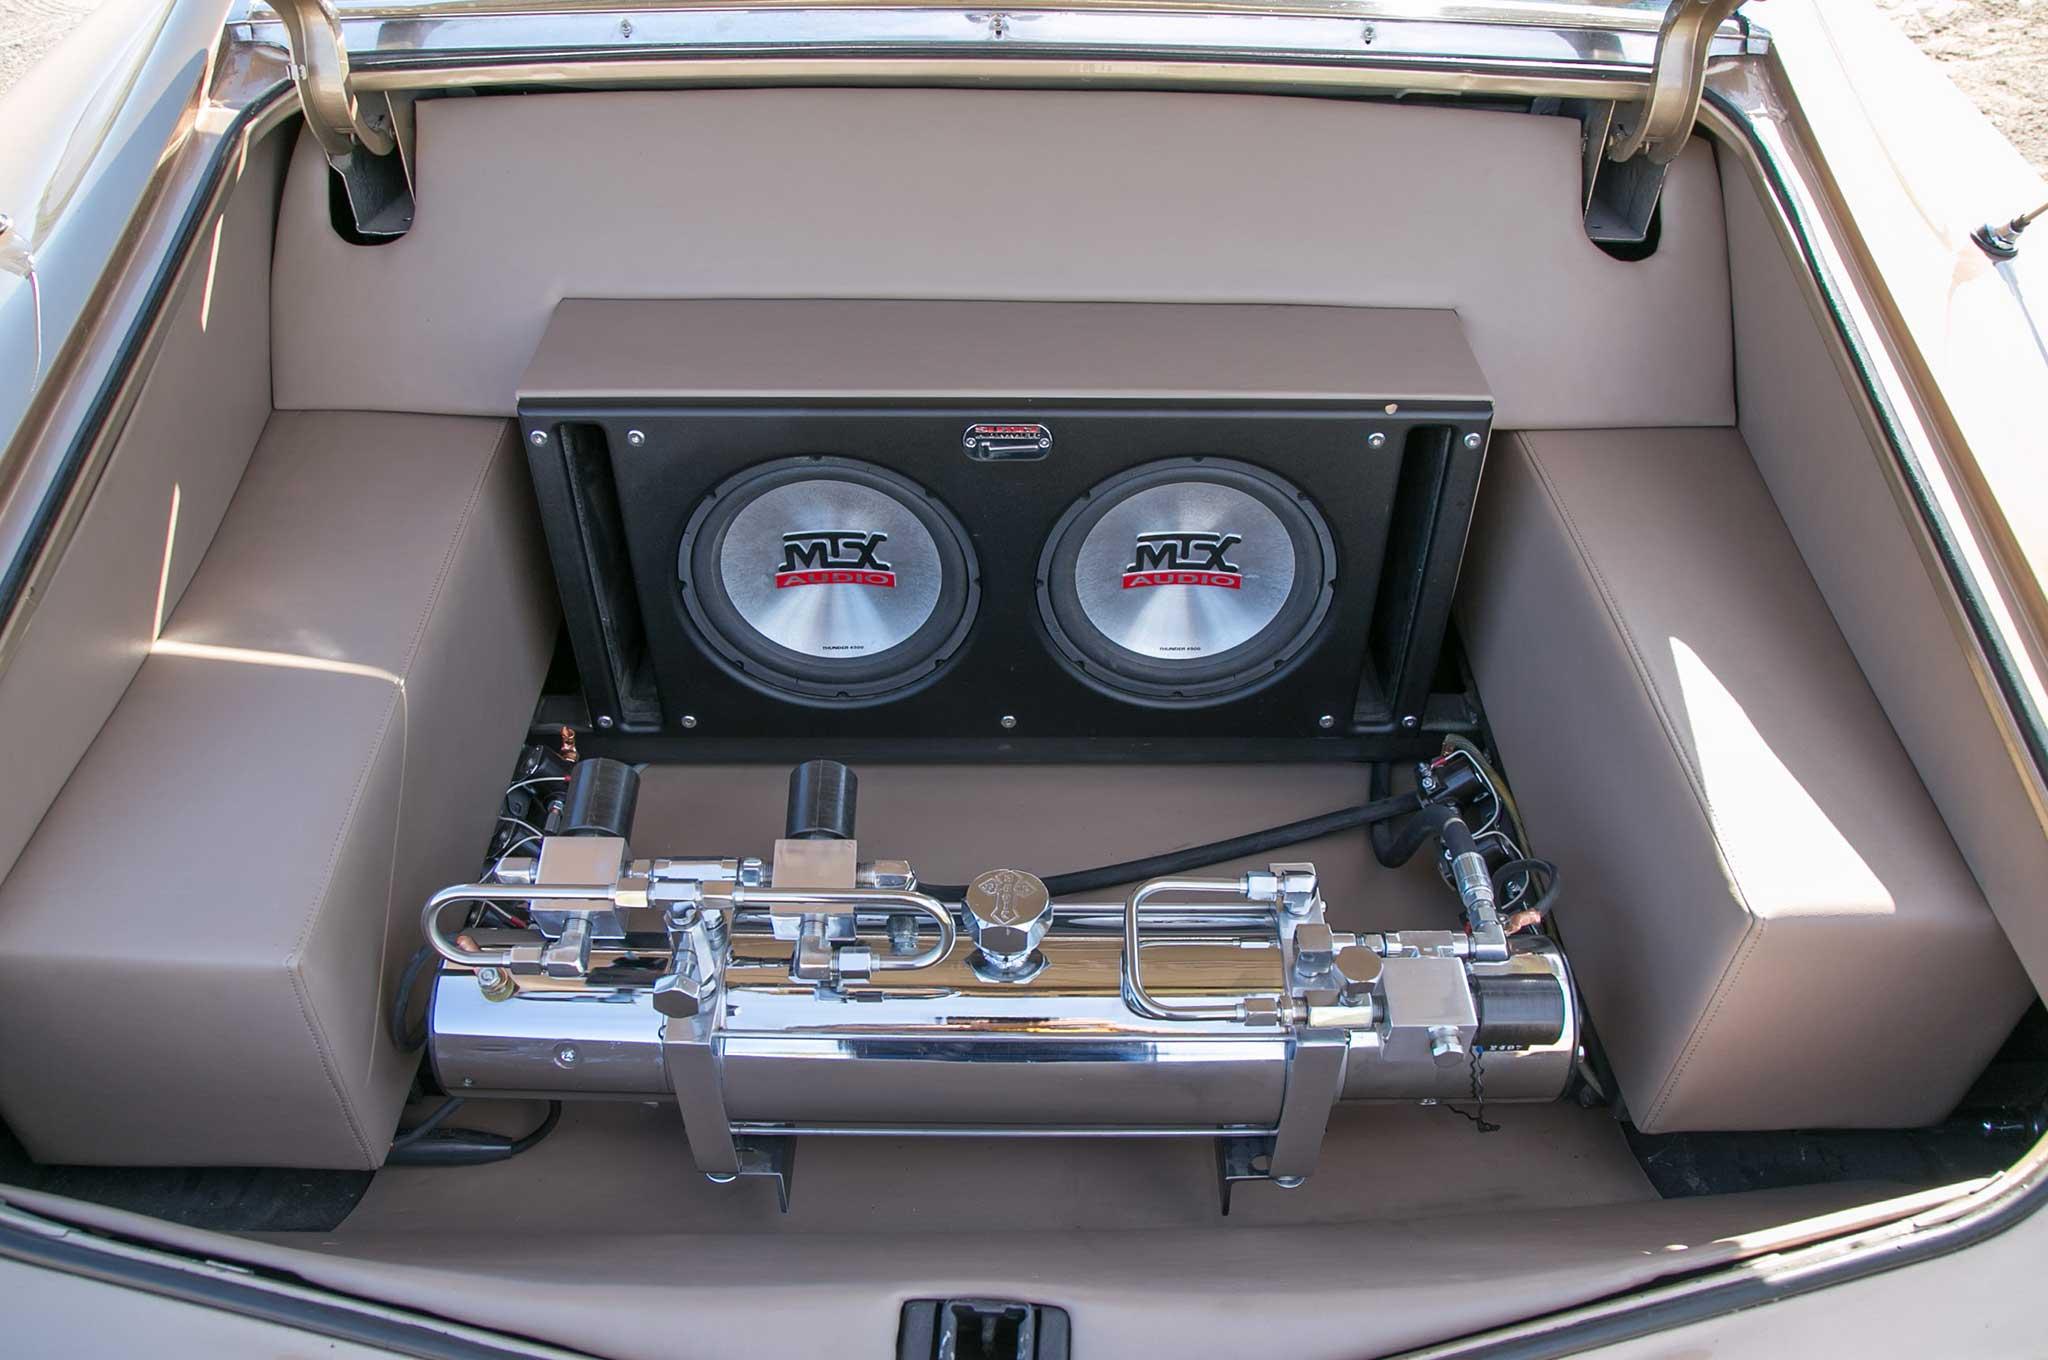 019 1967 chevrolet impala whammy tank